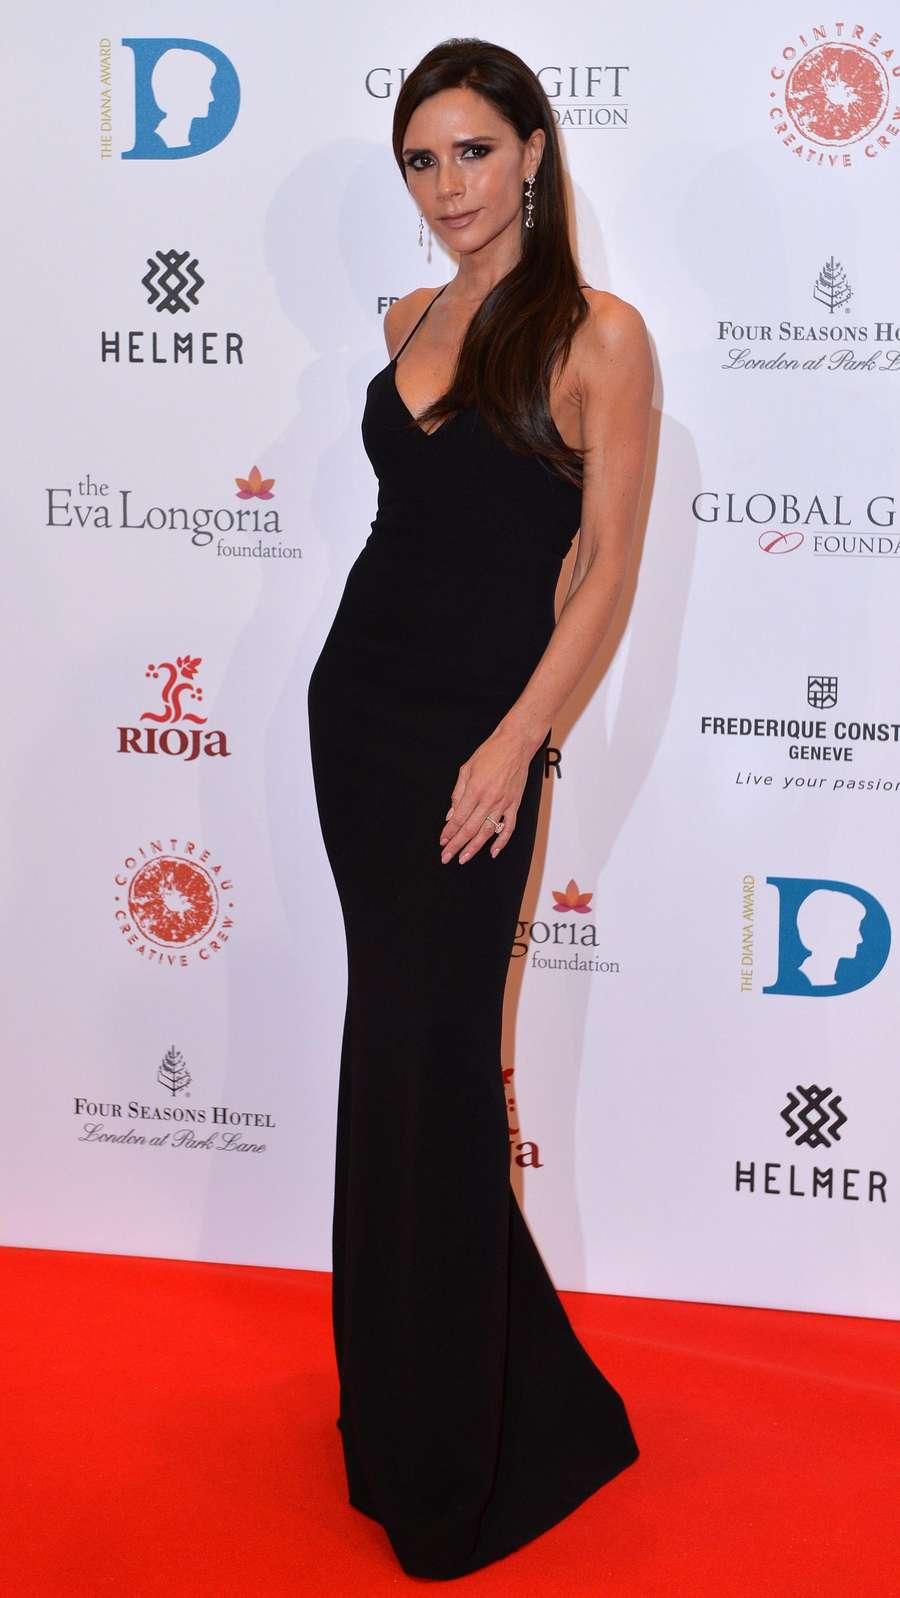 Berusia 41 Tahun, Victoria Beckham Makin Langsing Aja